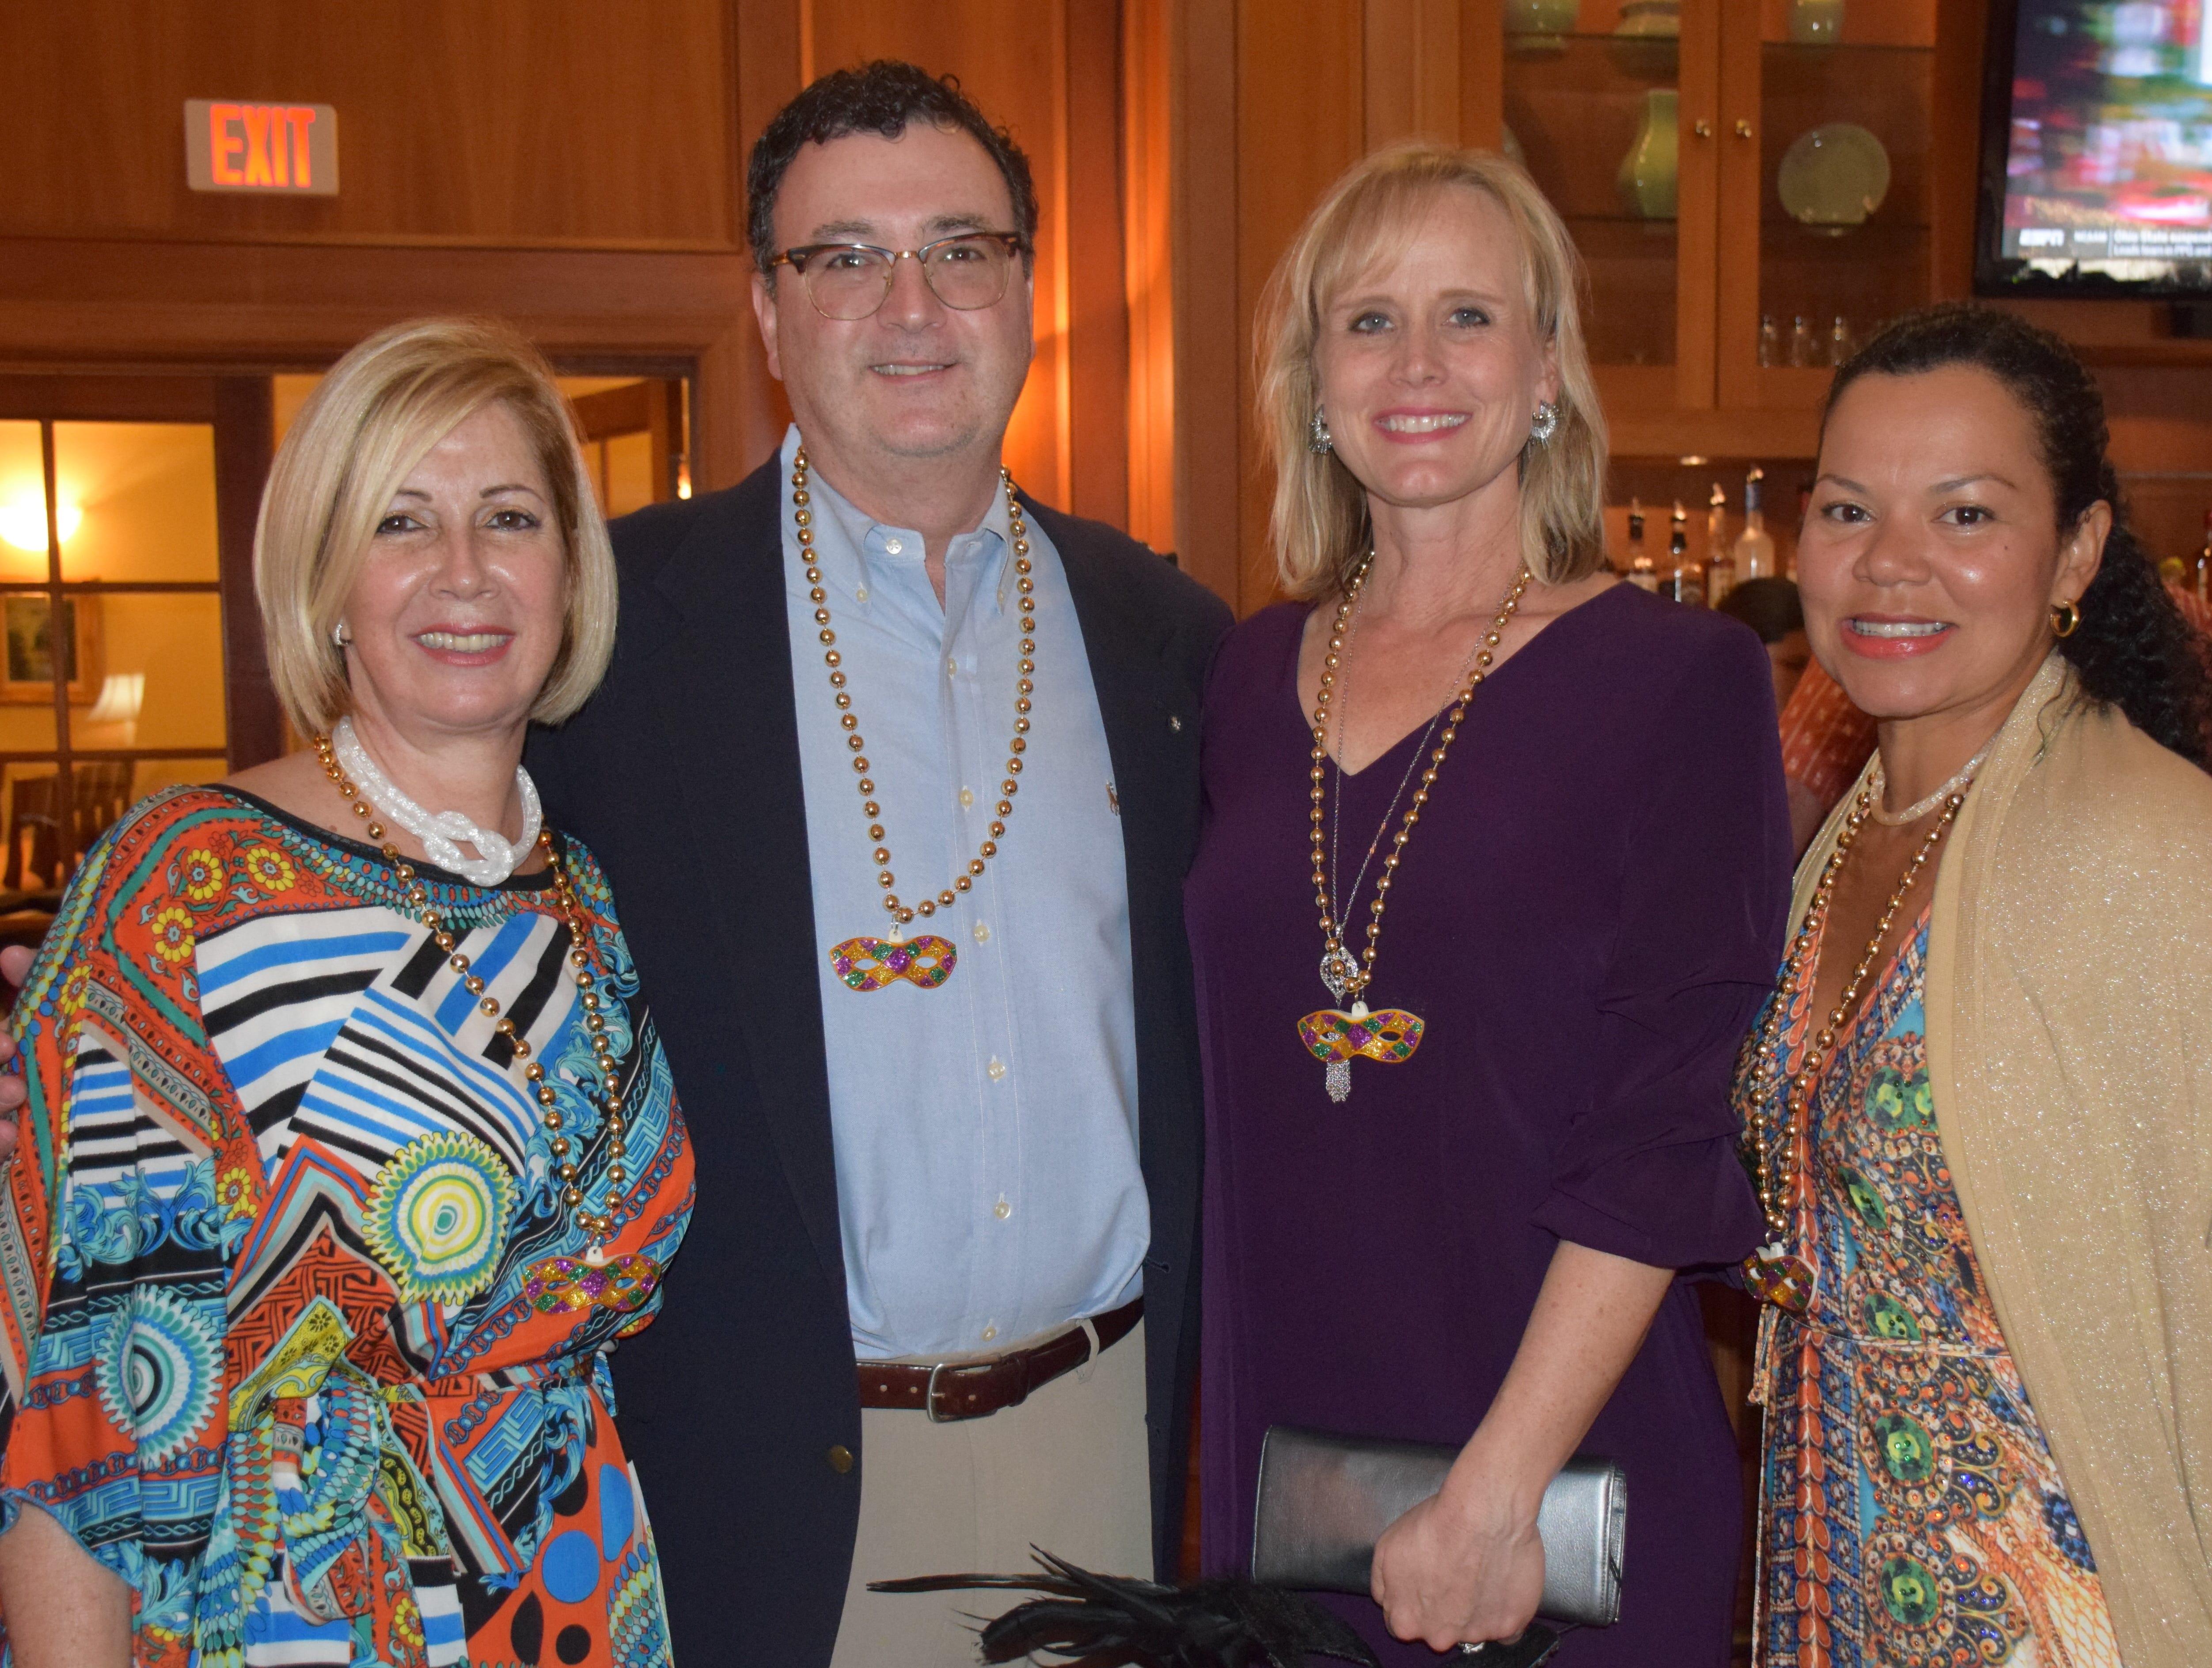 Jana Higginbottom, Dr William & Laura McGarry and Dr. Daniela Saphiro